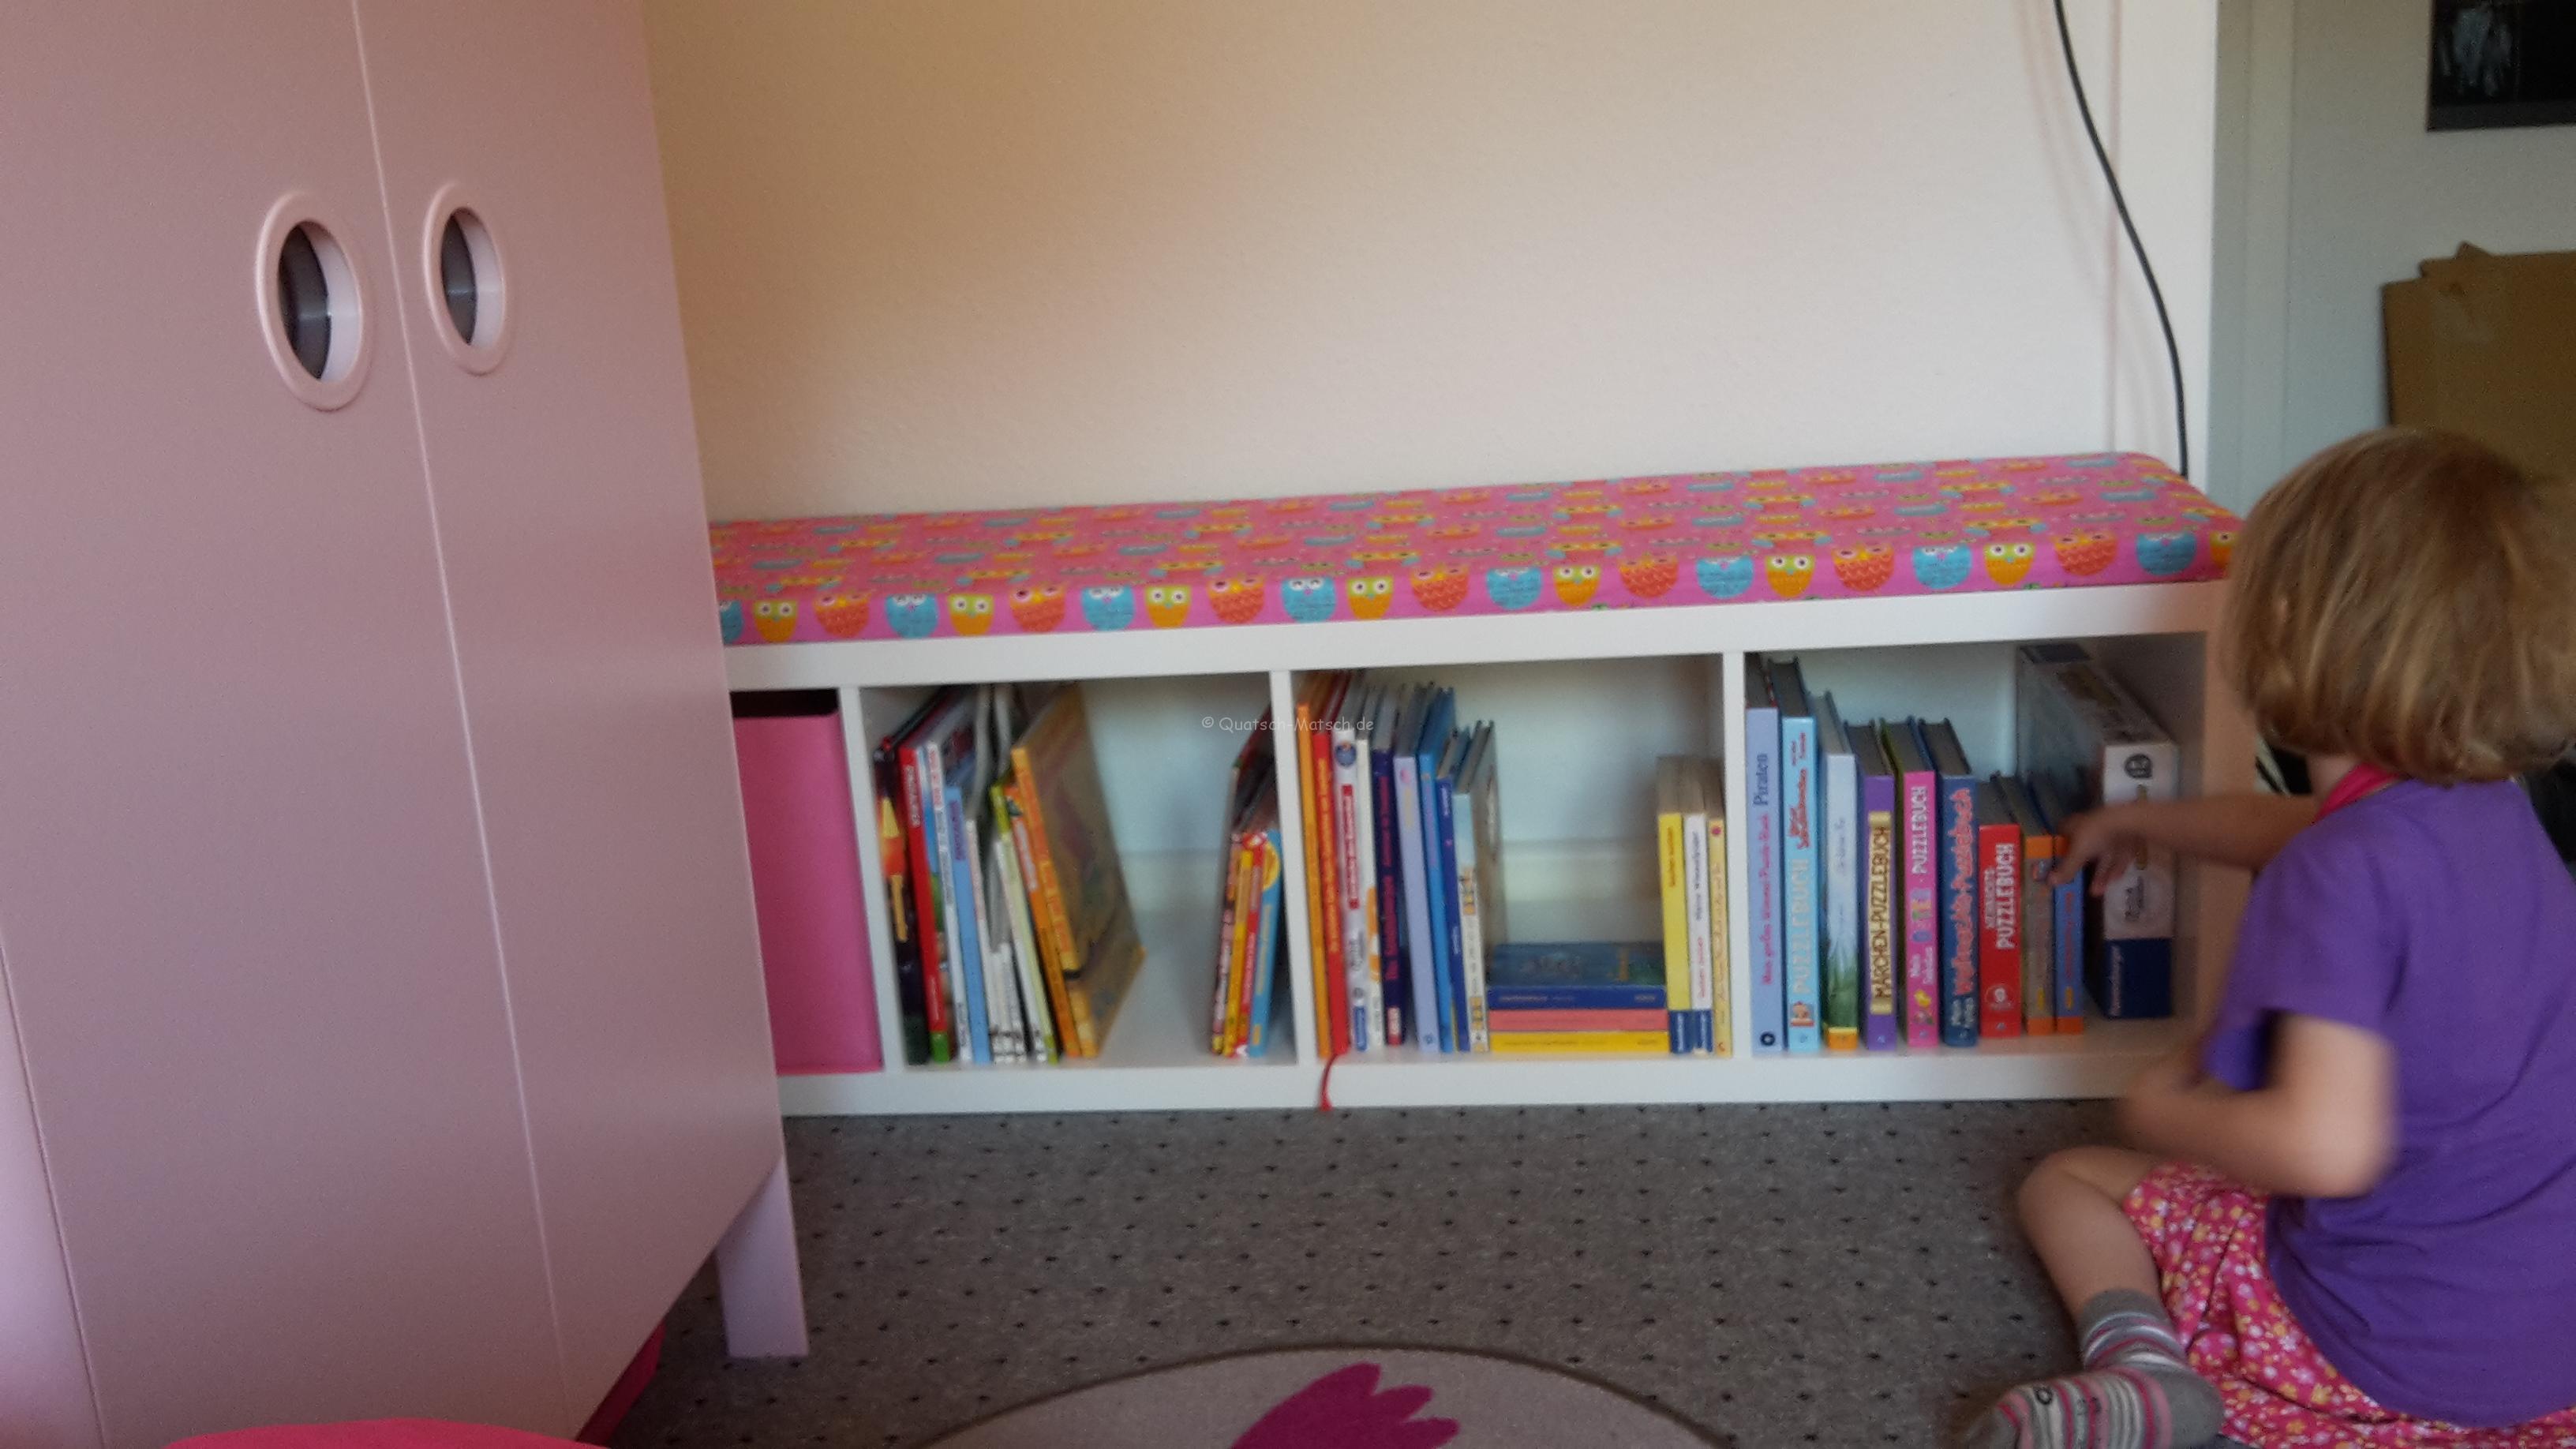 Aus einem Ikea Regal eine Sitzbank für Kinder bauen